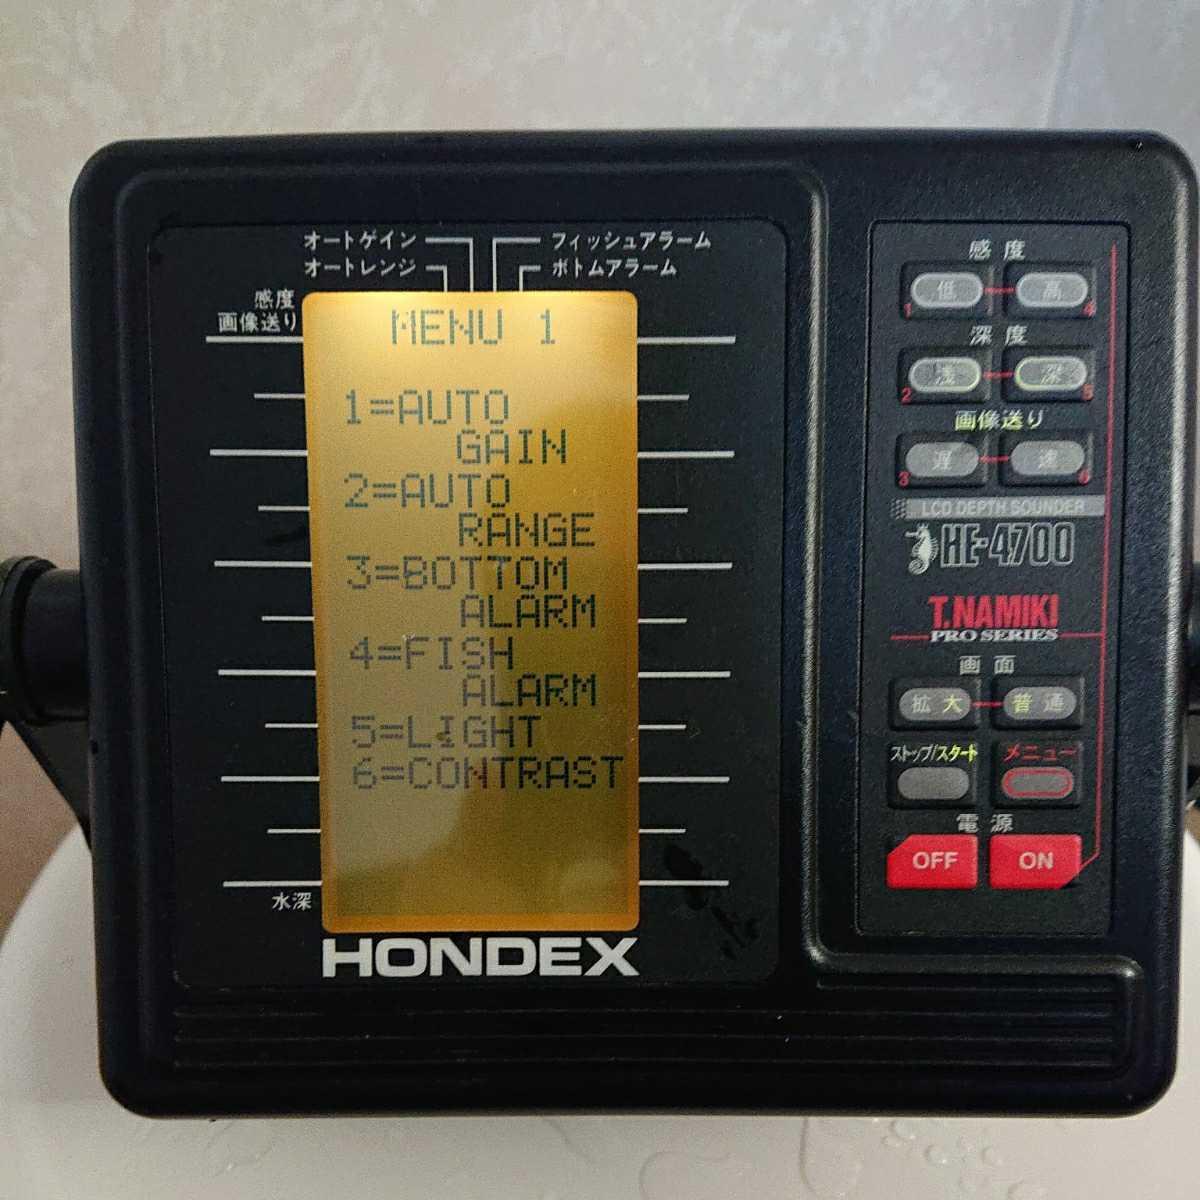 ホンデックス HE-4700T.NAMIKI